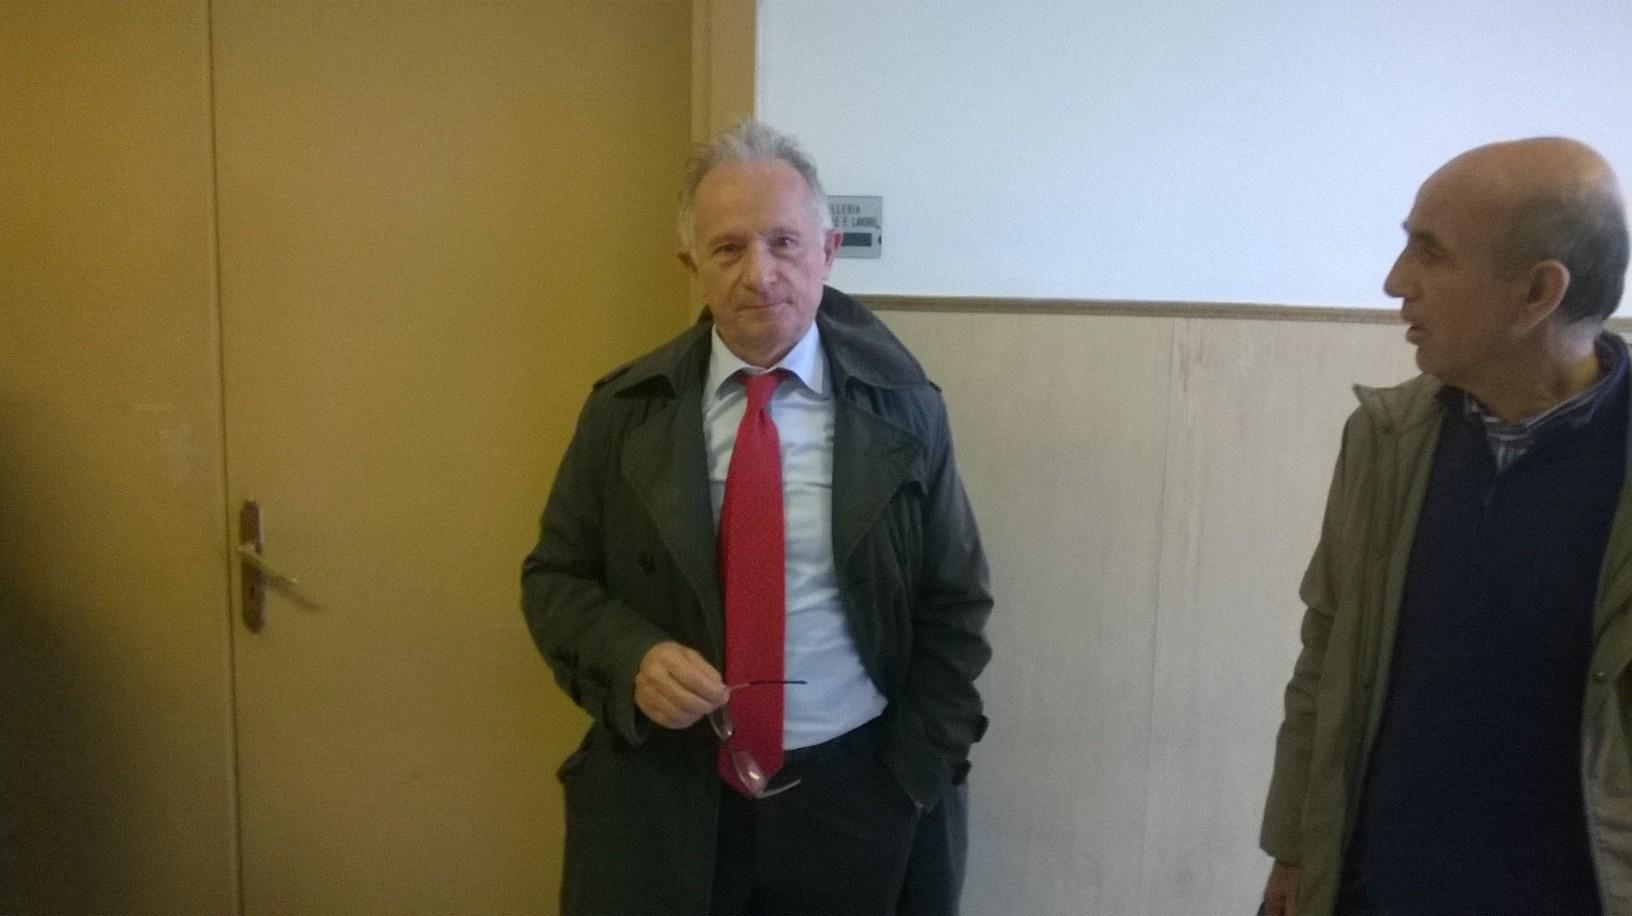 Fornelli: causa per Crimini di Guerra da Fermo arrivano buone notizie. Entro il prossimo anno secondo l'avvocato Olivieri la decisione finale.